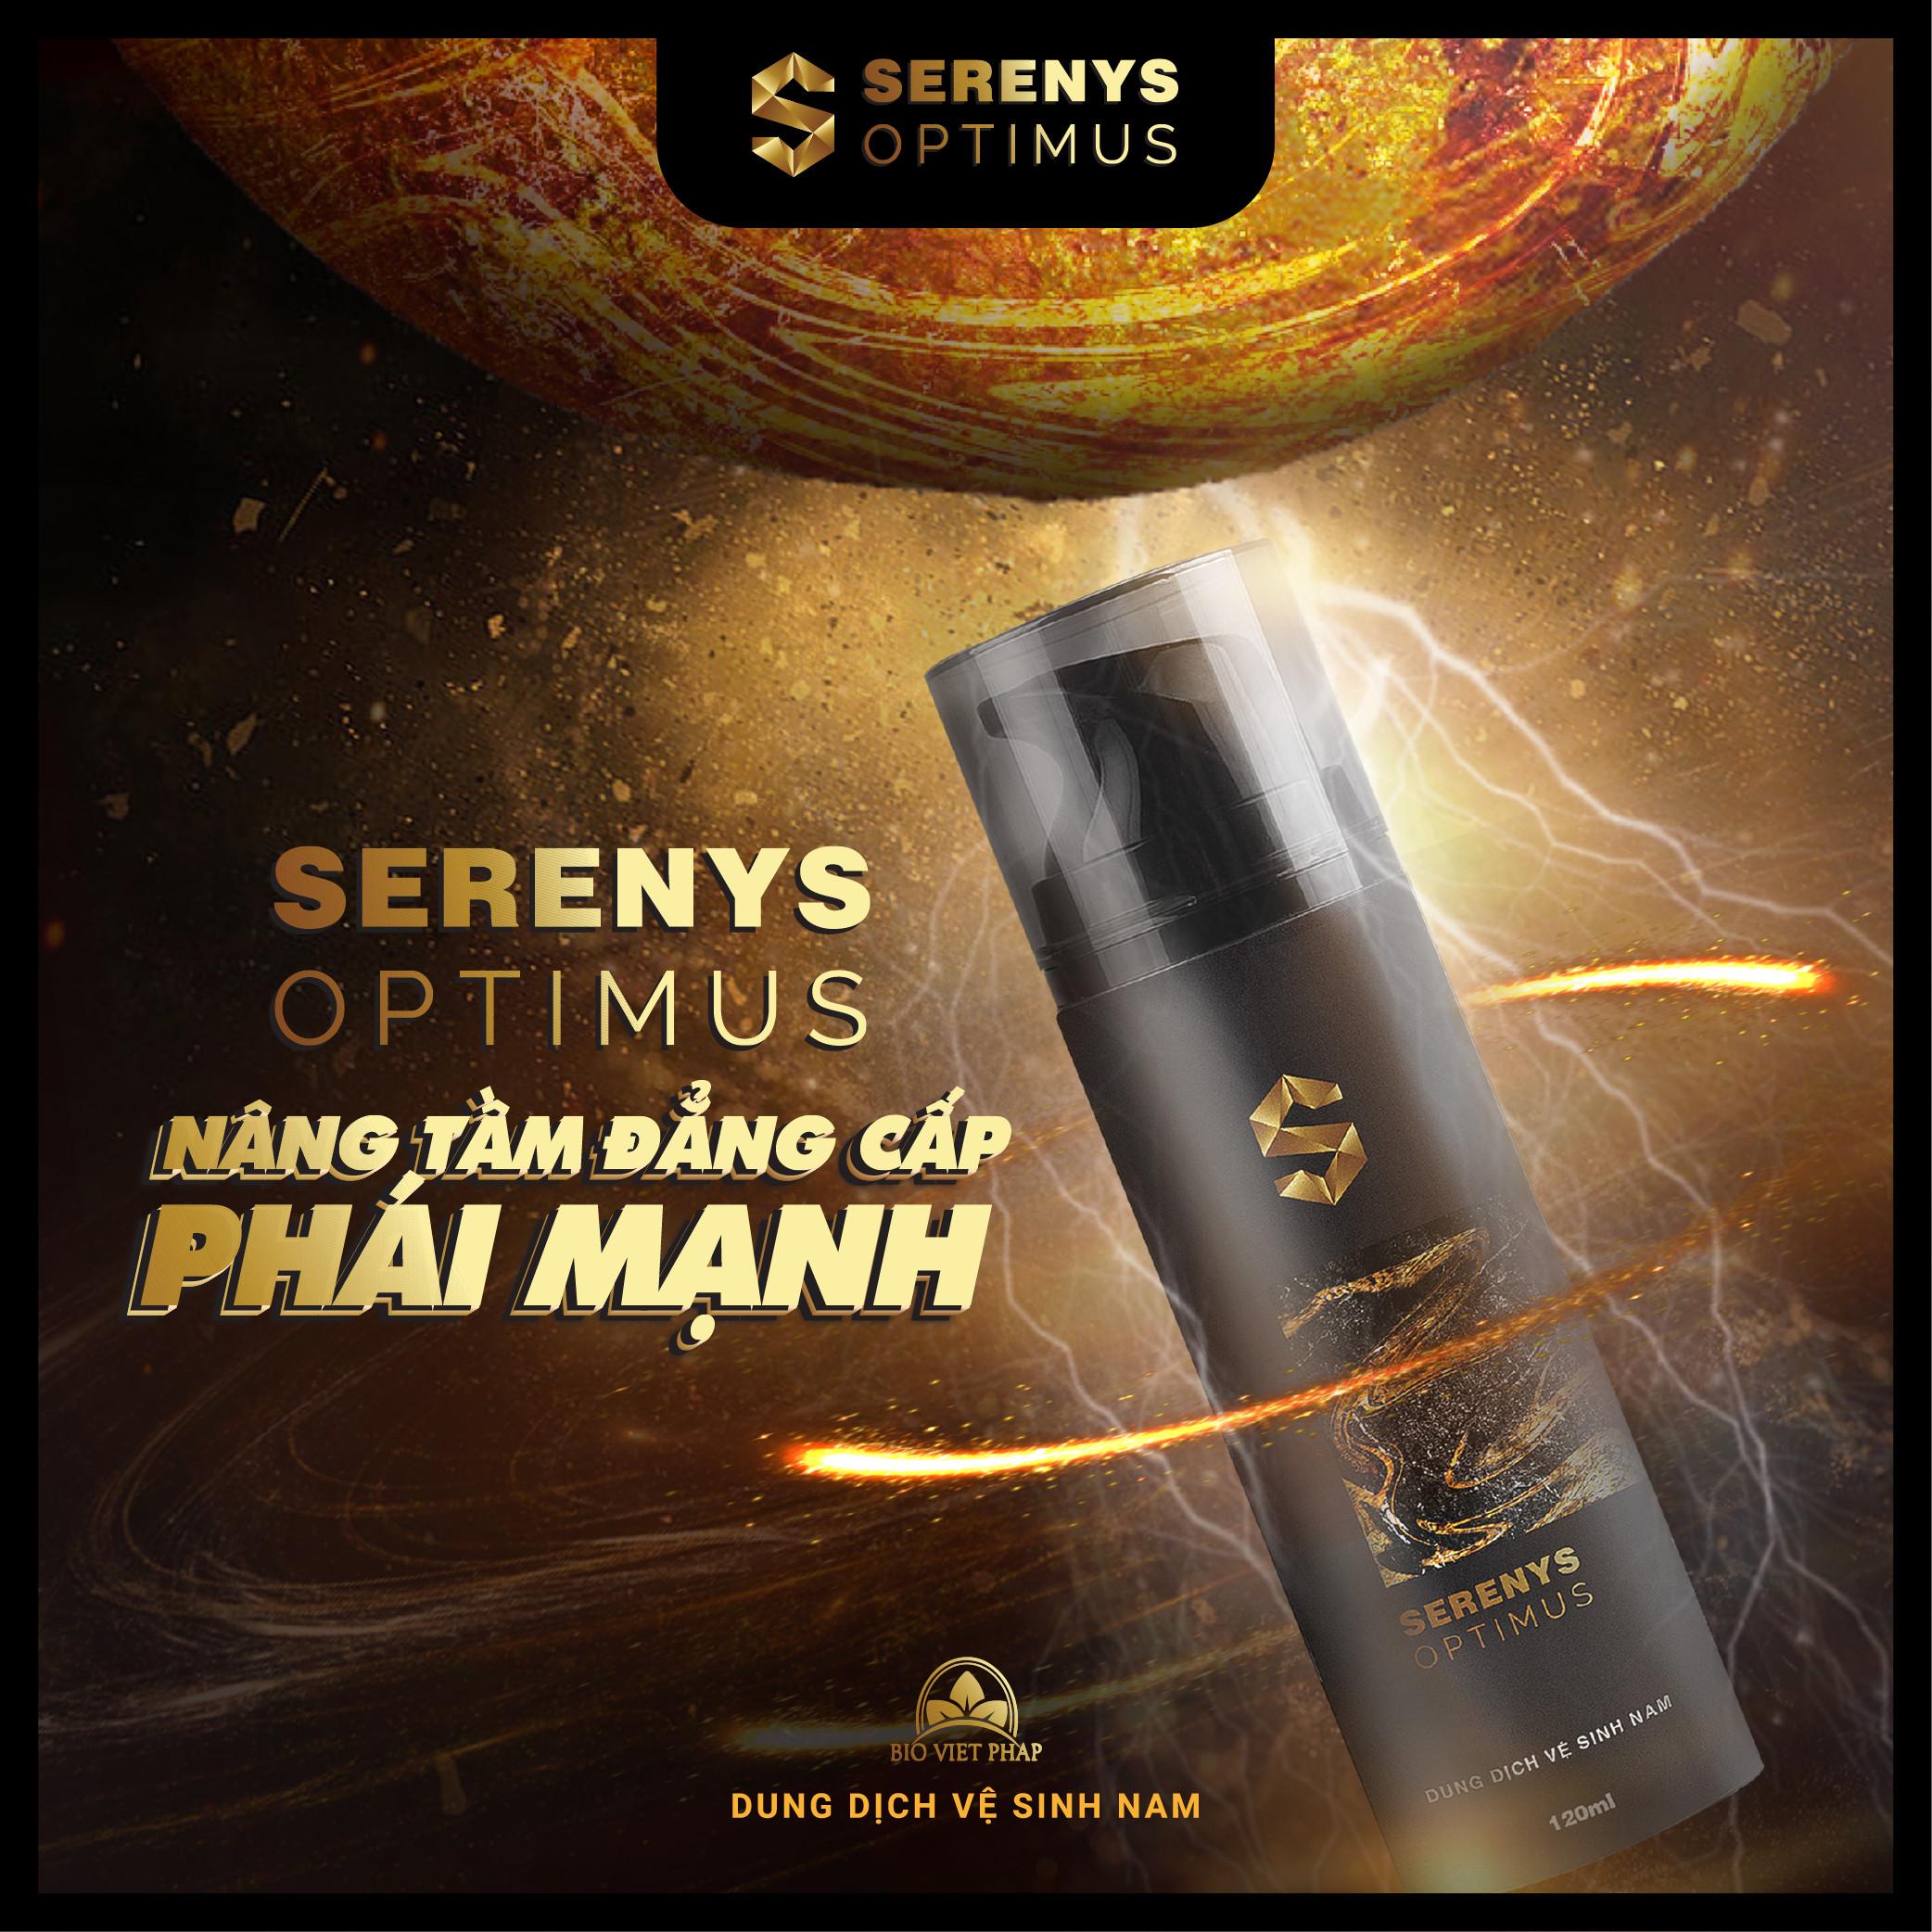 Dung dịch vệ sinh nam Serenys Optimus làm sạch khử mùi 1